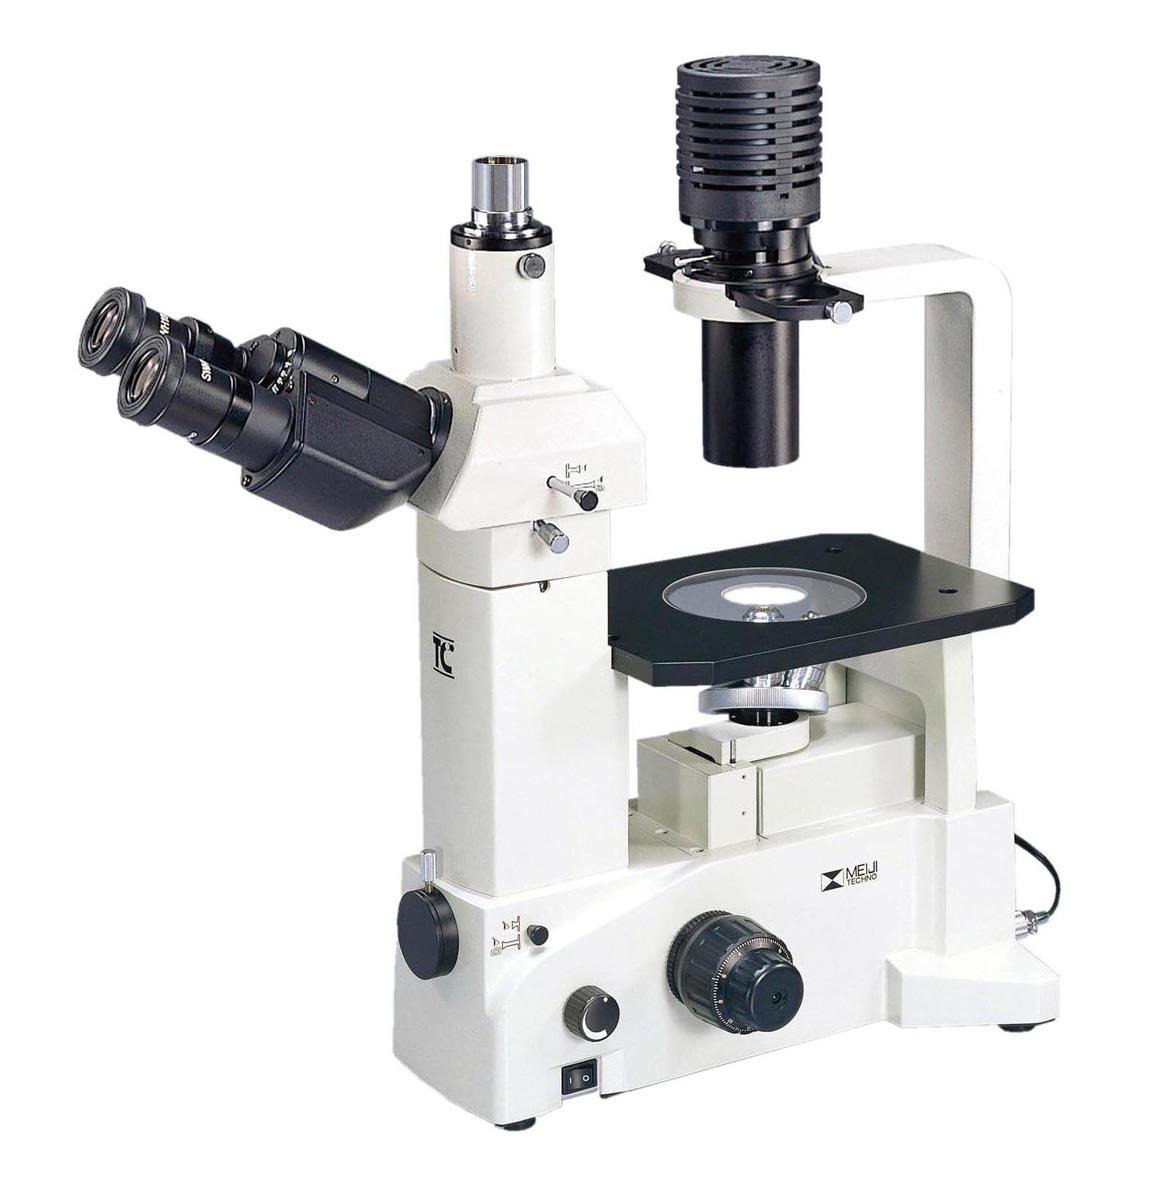 メイジテクノ メイジテクノ倒立培養顕微鏡 TC5200